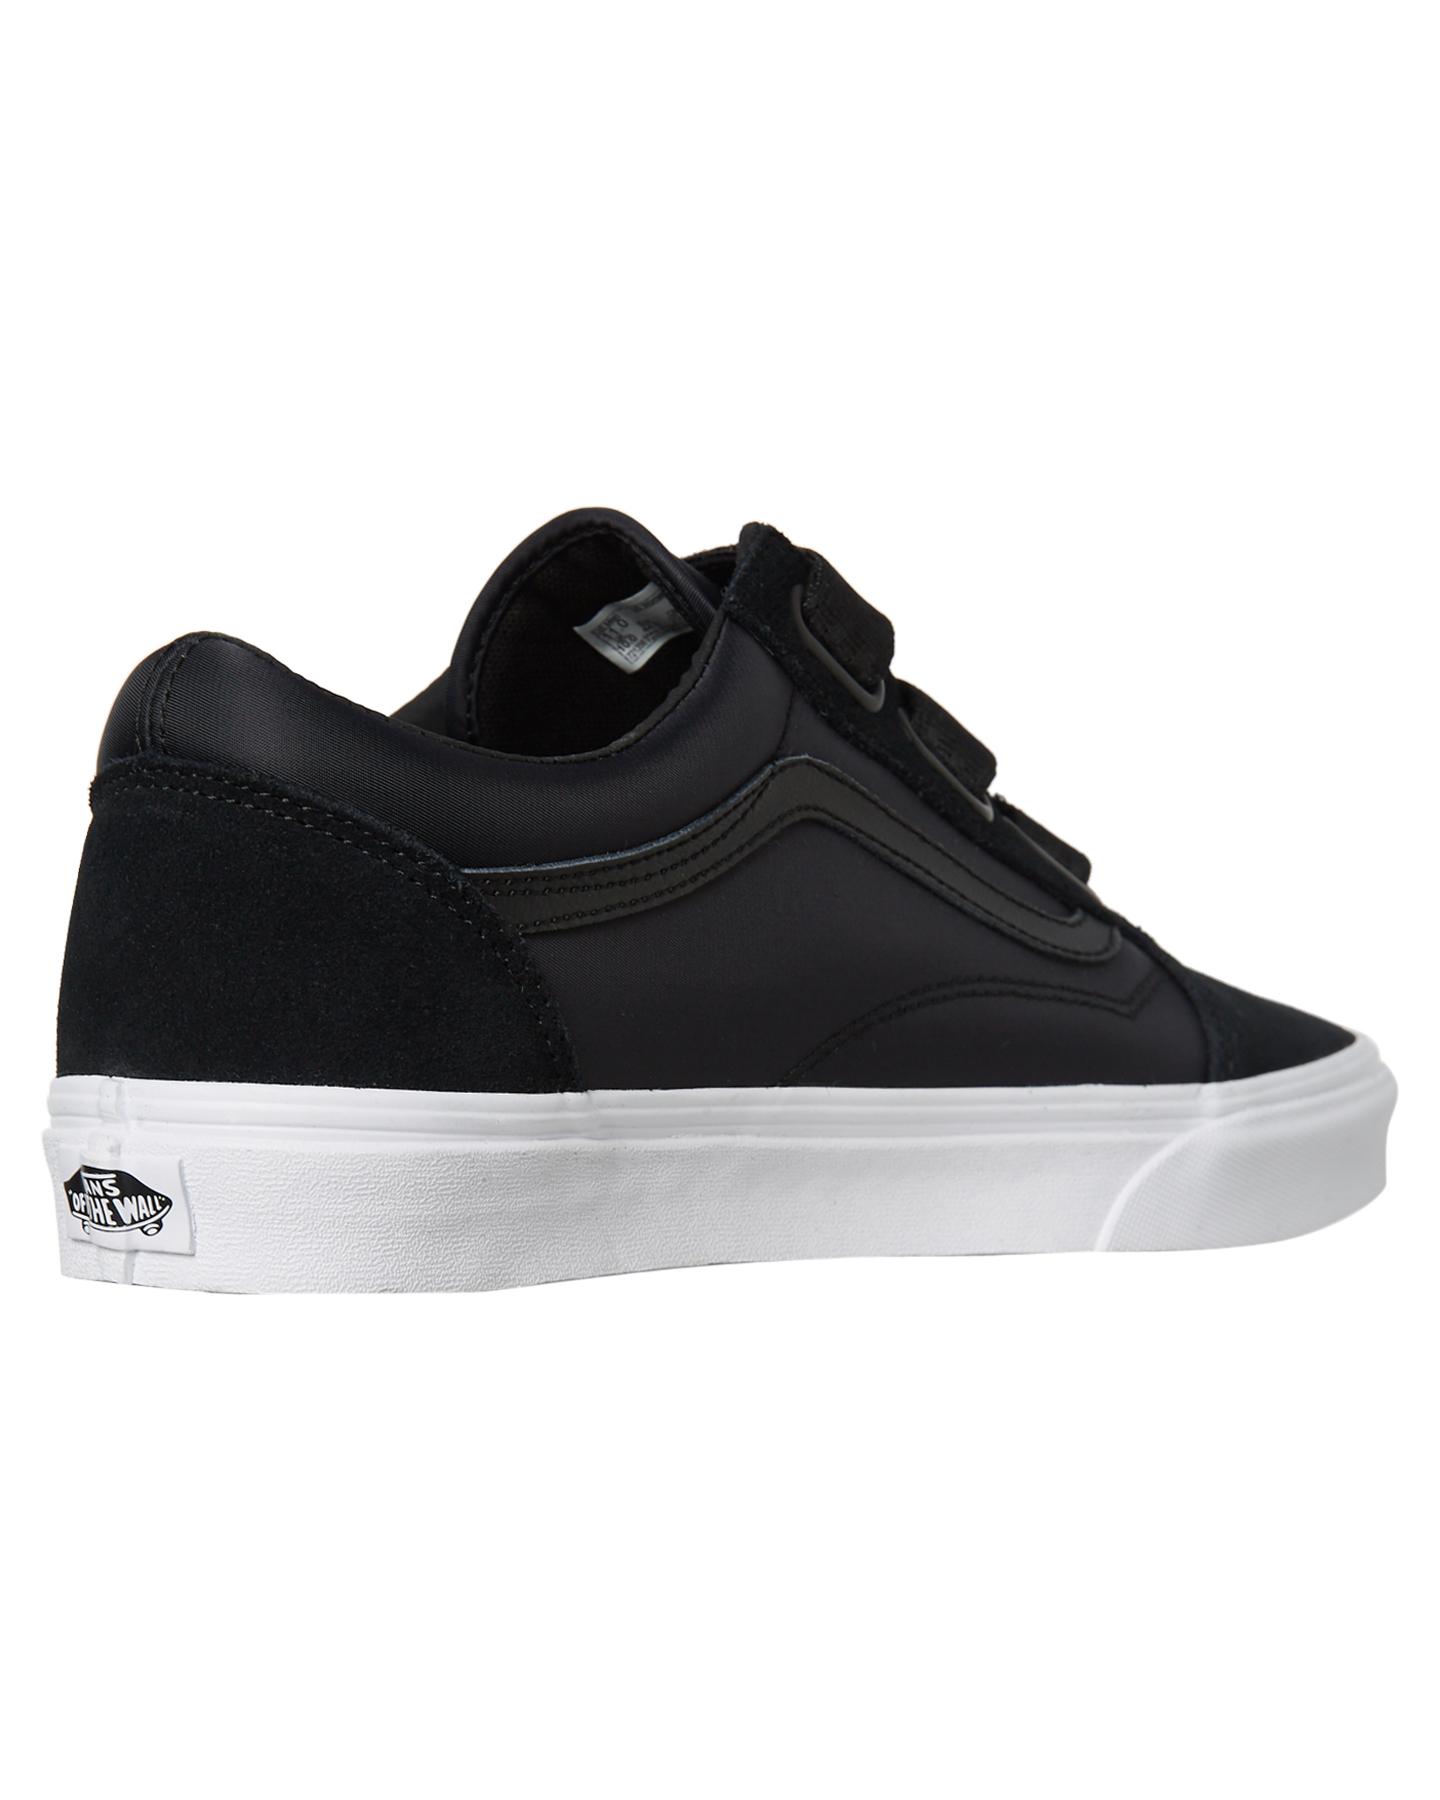 0a41ece02b New Vans Women s Womens Old Skool V Shoe Rubber Black